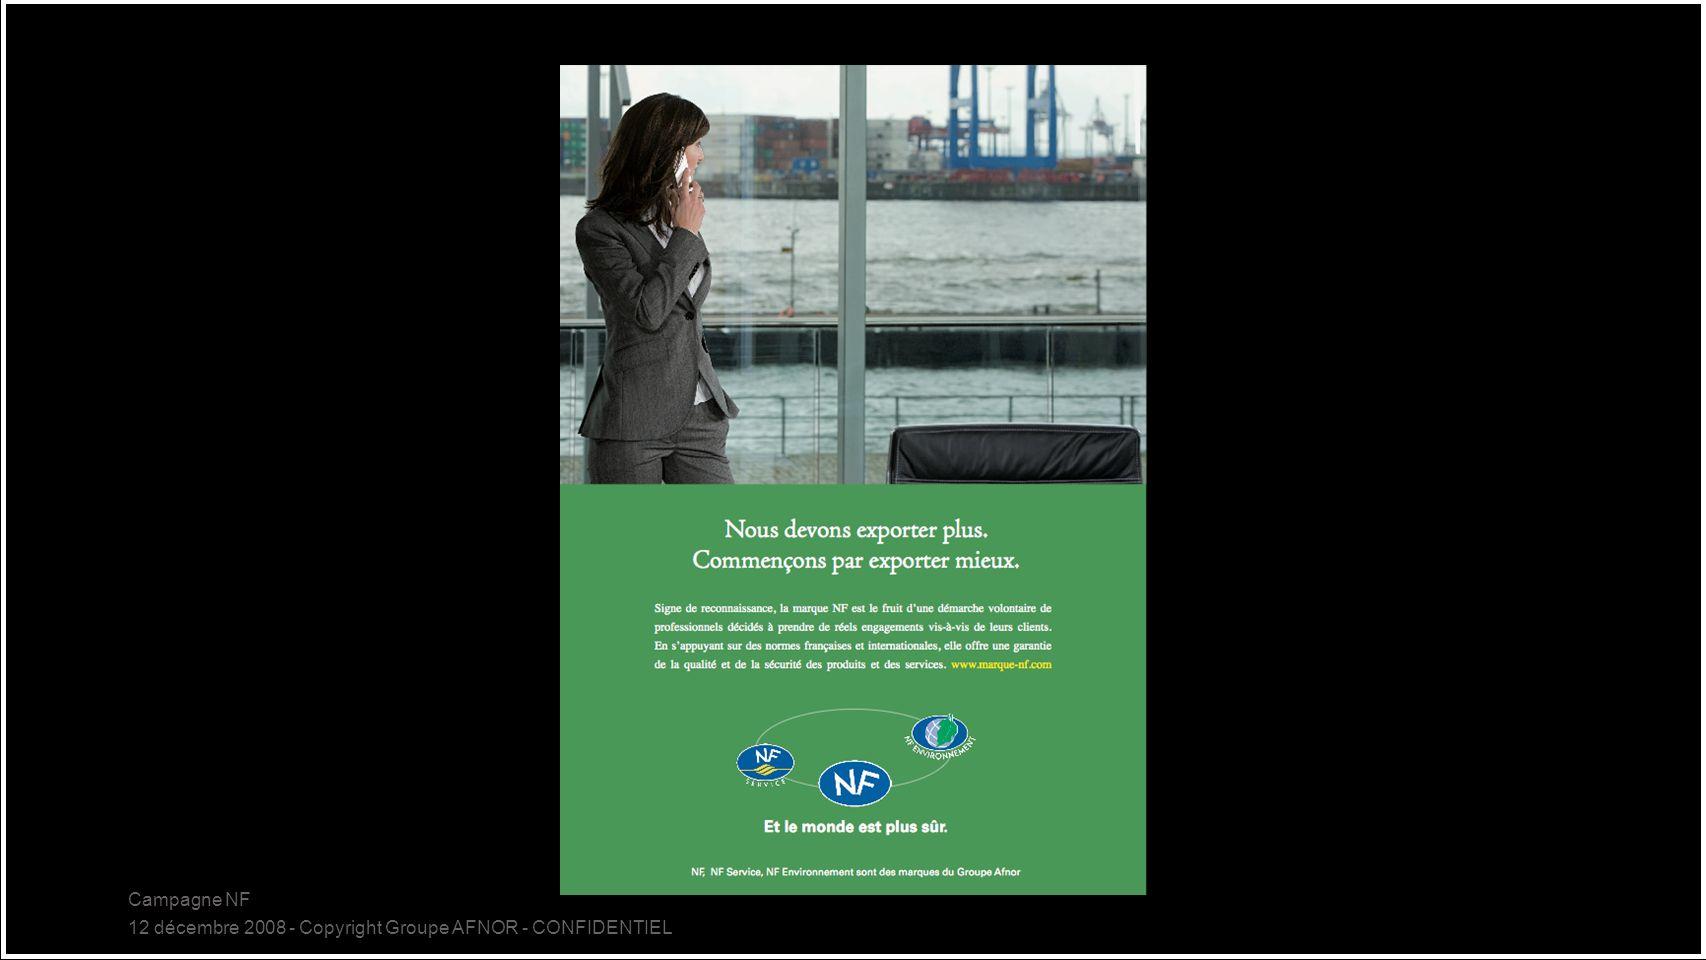 Campagne NF 12 décembre 2008 - Copyright Groupe AFNOR - CONFIDENTIEL 18